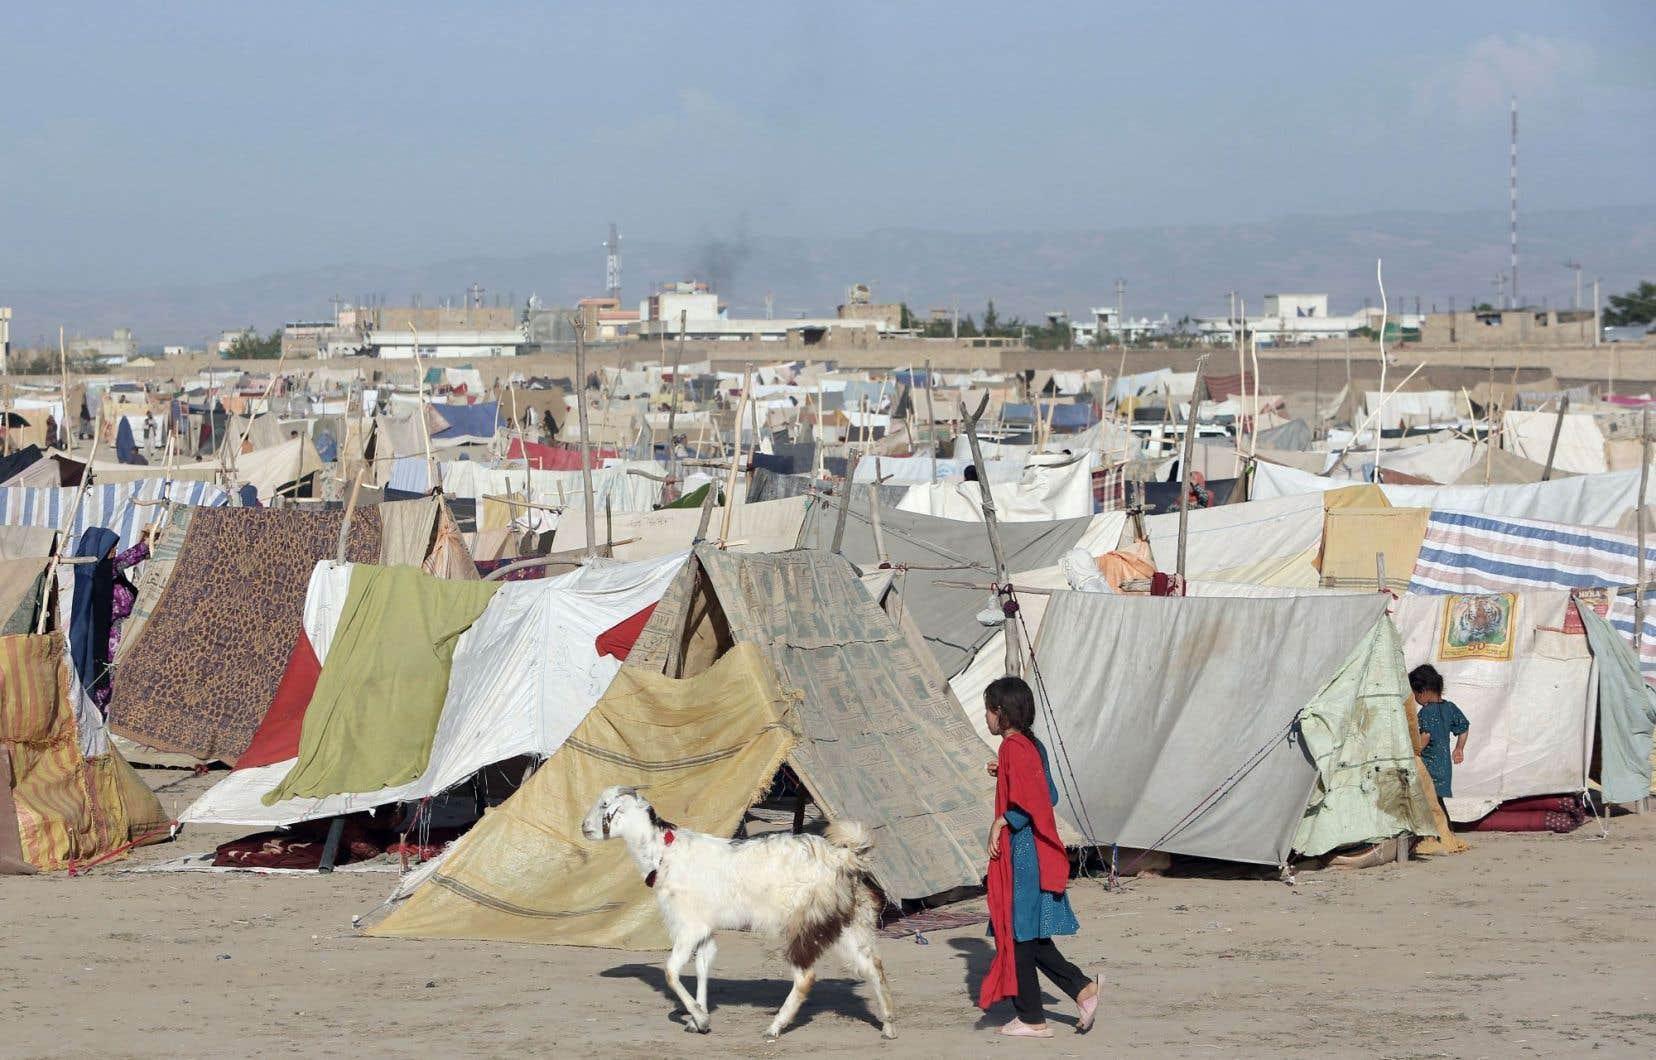 La santé, la sécurité, les conditions de logement sont autant de critères de bien-être primordiaux, selon l'OCDE.